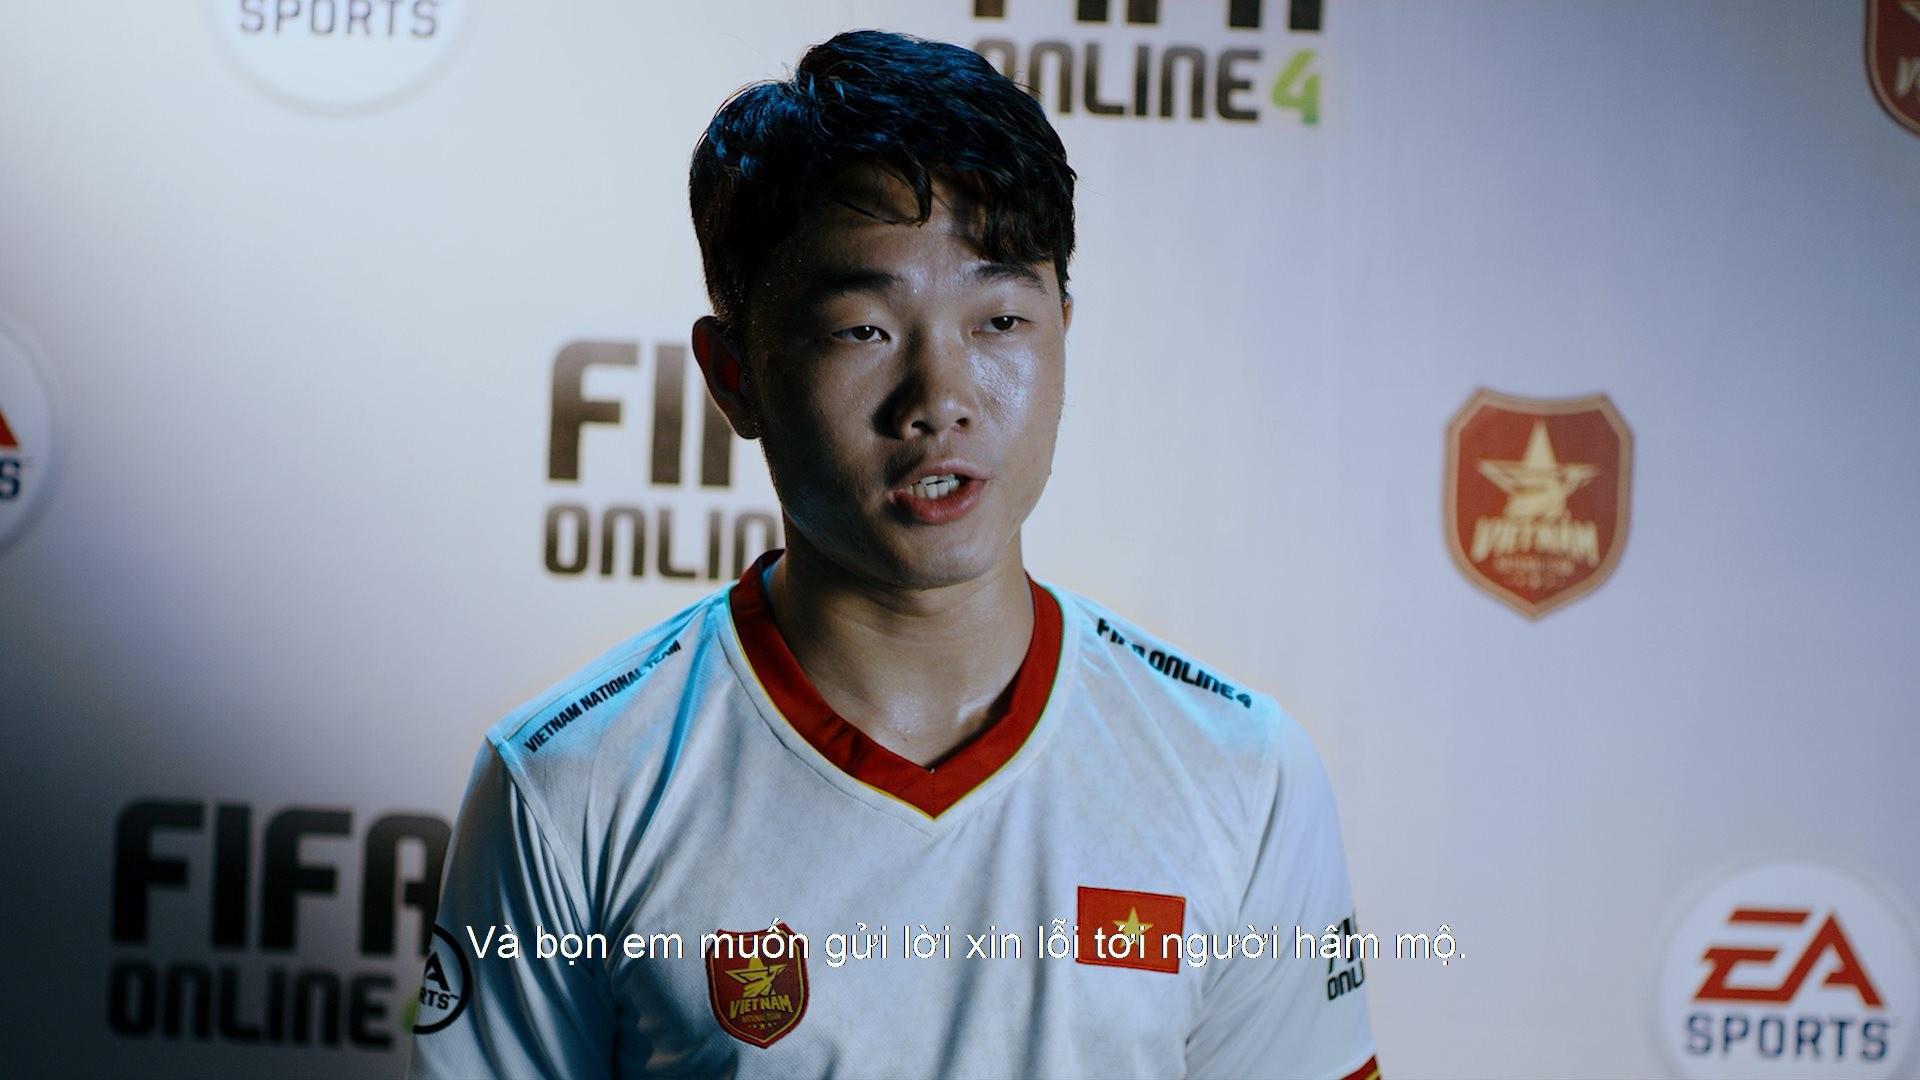 Quang Hải - Xuân Trường - Công Phượng chính thức góp mặt trong FIFA Online 4 Việt Nam - Ảnh 4.